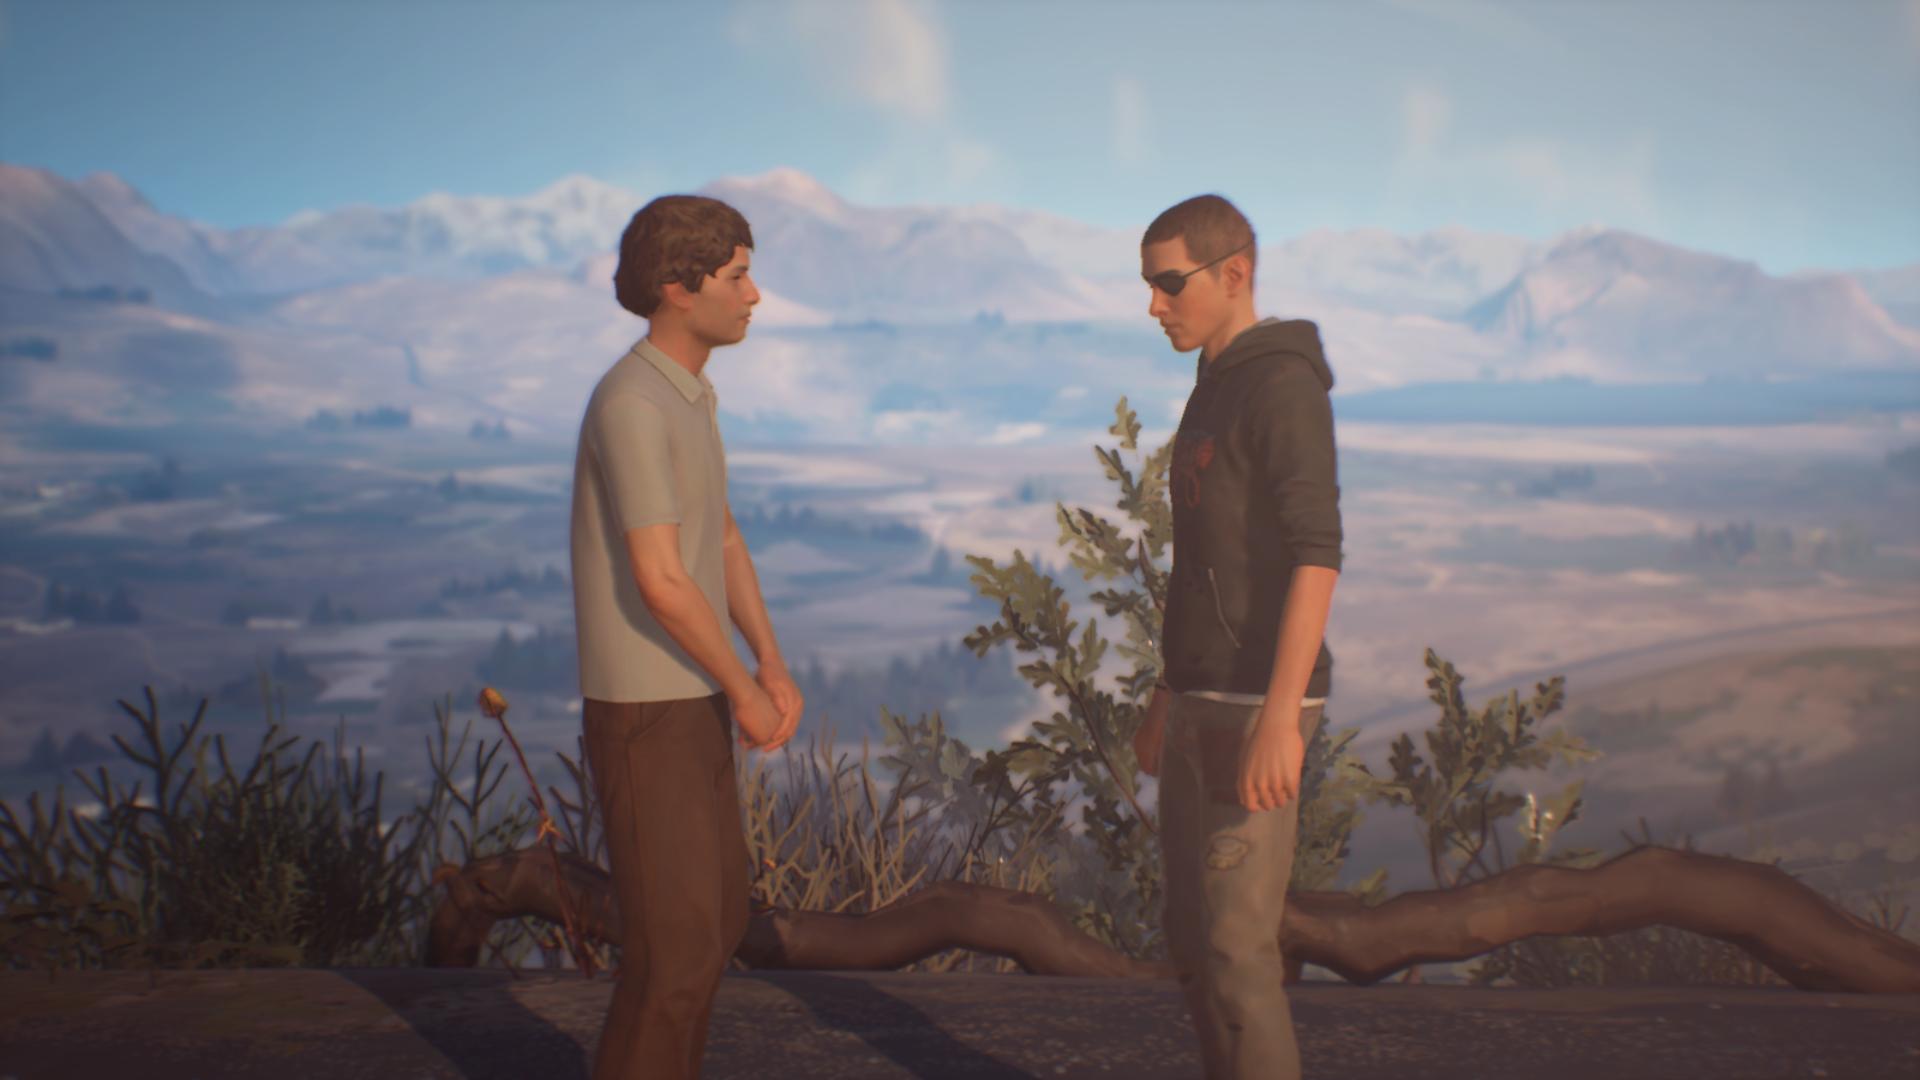 Sean meeting Jacob again.